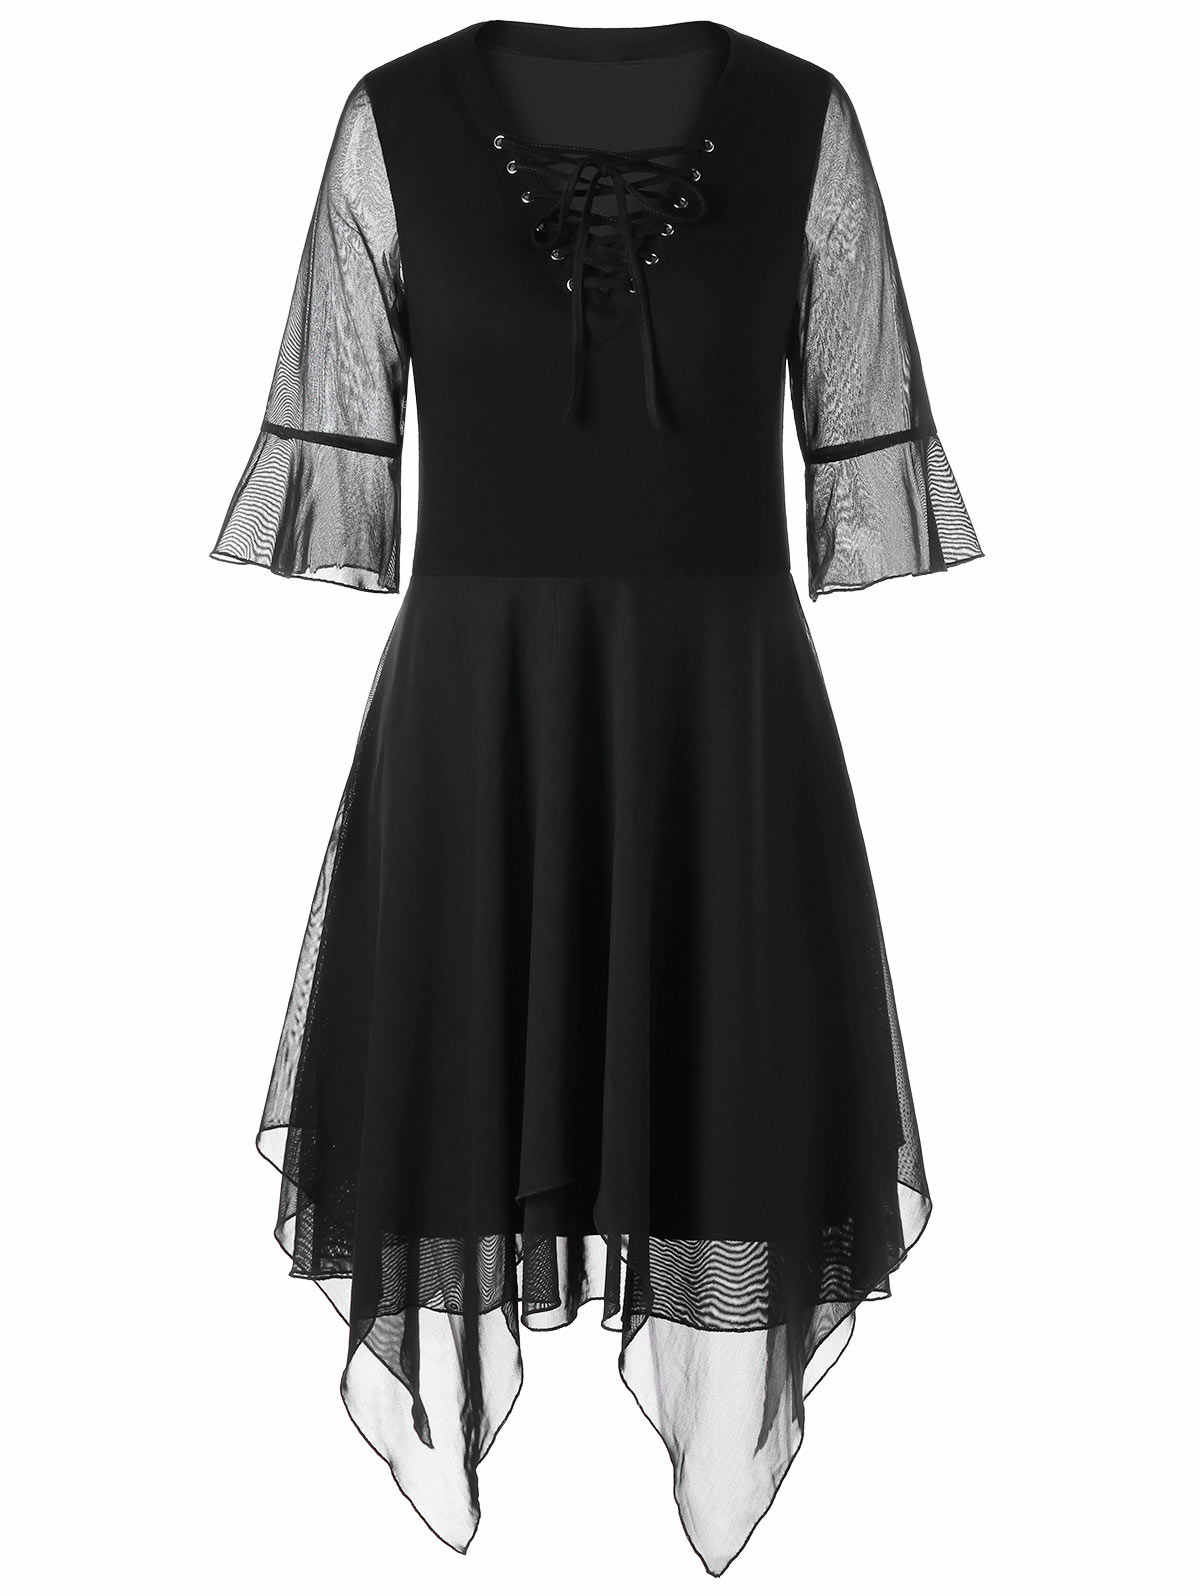 Wipalo Для женщин Винтажные наряды 2018 Vestidos De Festa рукав «фонарик» модельные туфли на шнуровке сатин платок носовой платок, сексуальное платье с v-образным вырезом, вечерние платье Повседневное Стиль